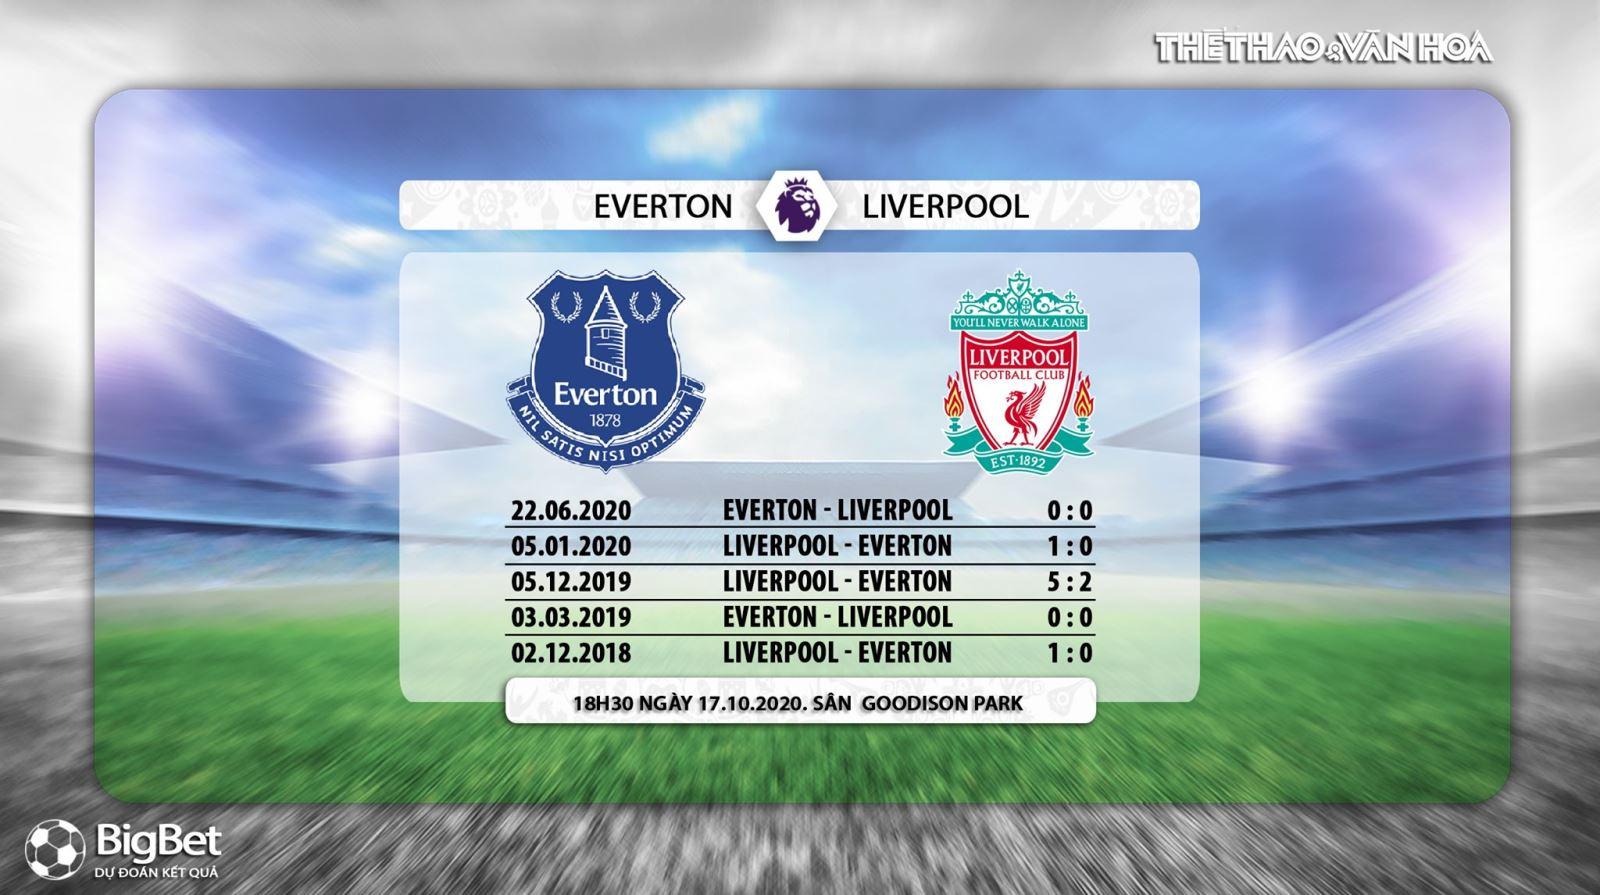 Keo nha cai, Everton vs Liverpool, Vòng 5 Giải ngoại hạng Anh, Trực tiếp K+ PM, Trực tiếp bóng đá, Trực tiếp Everton đấu với Liverpool, Kèo bóng đá Liverpool vs Everton